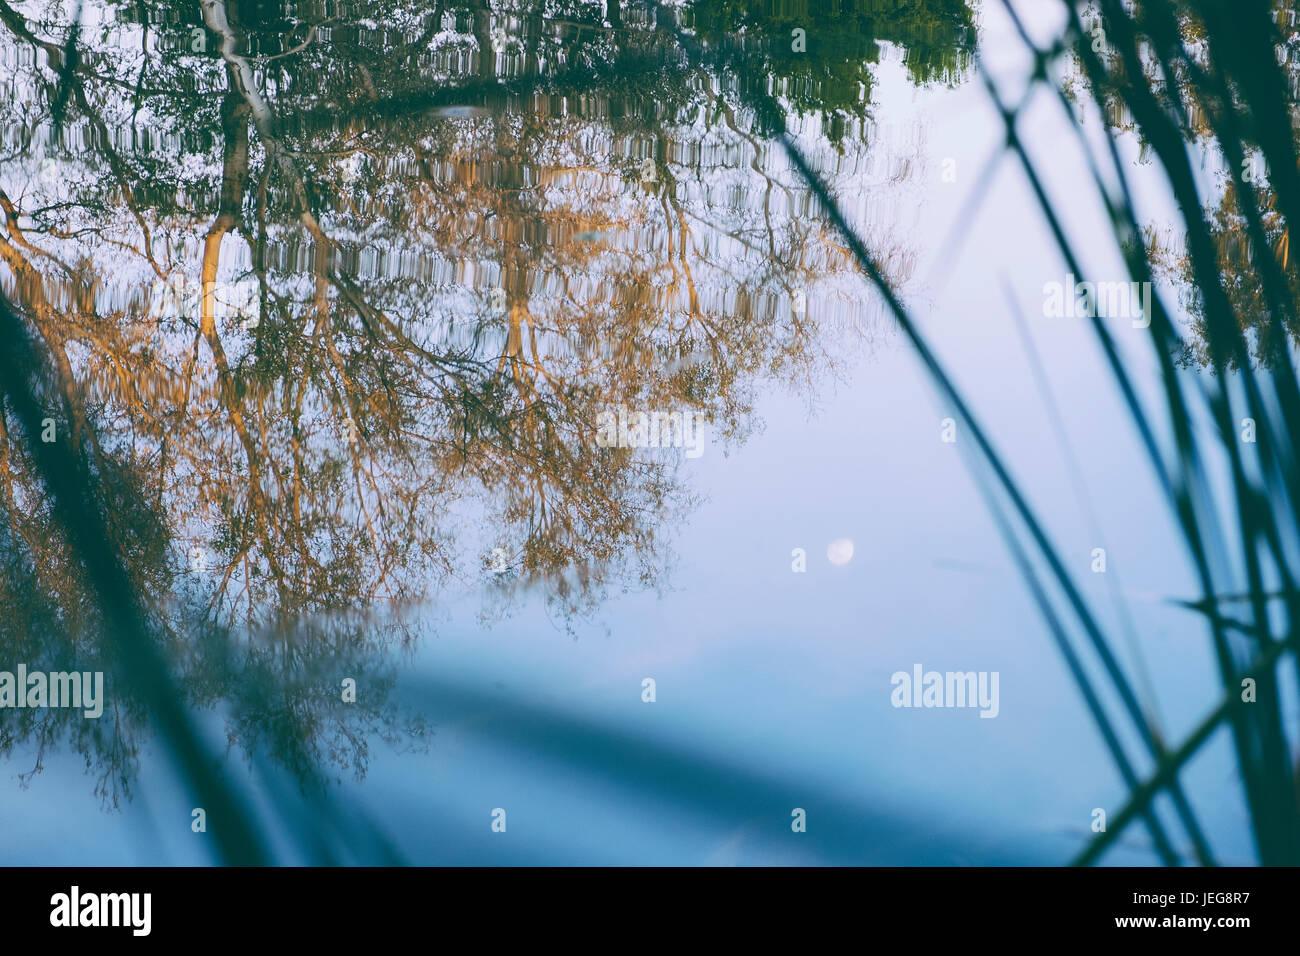 Mond-Spiegelbild im See Stockbild